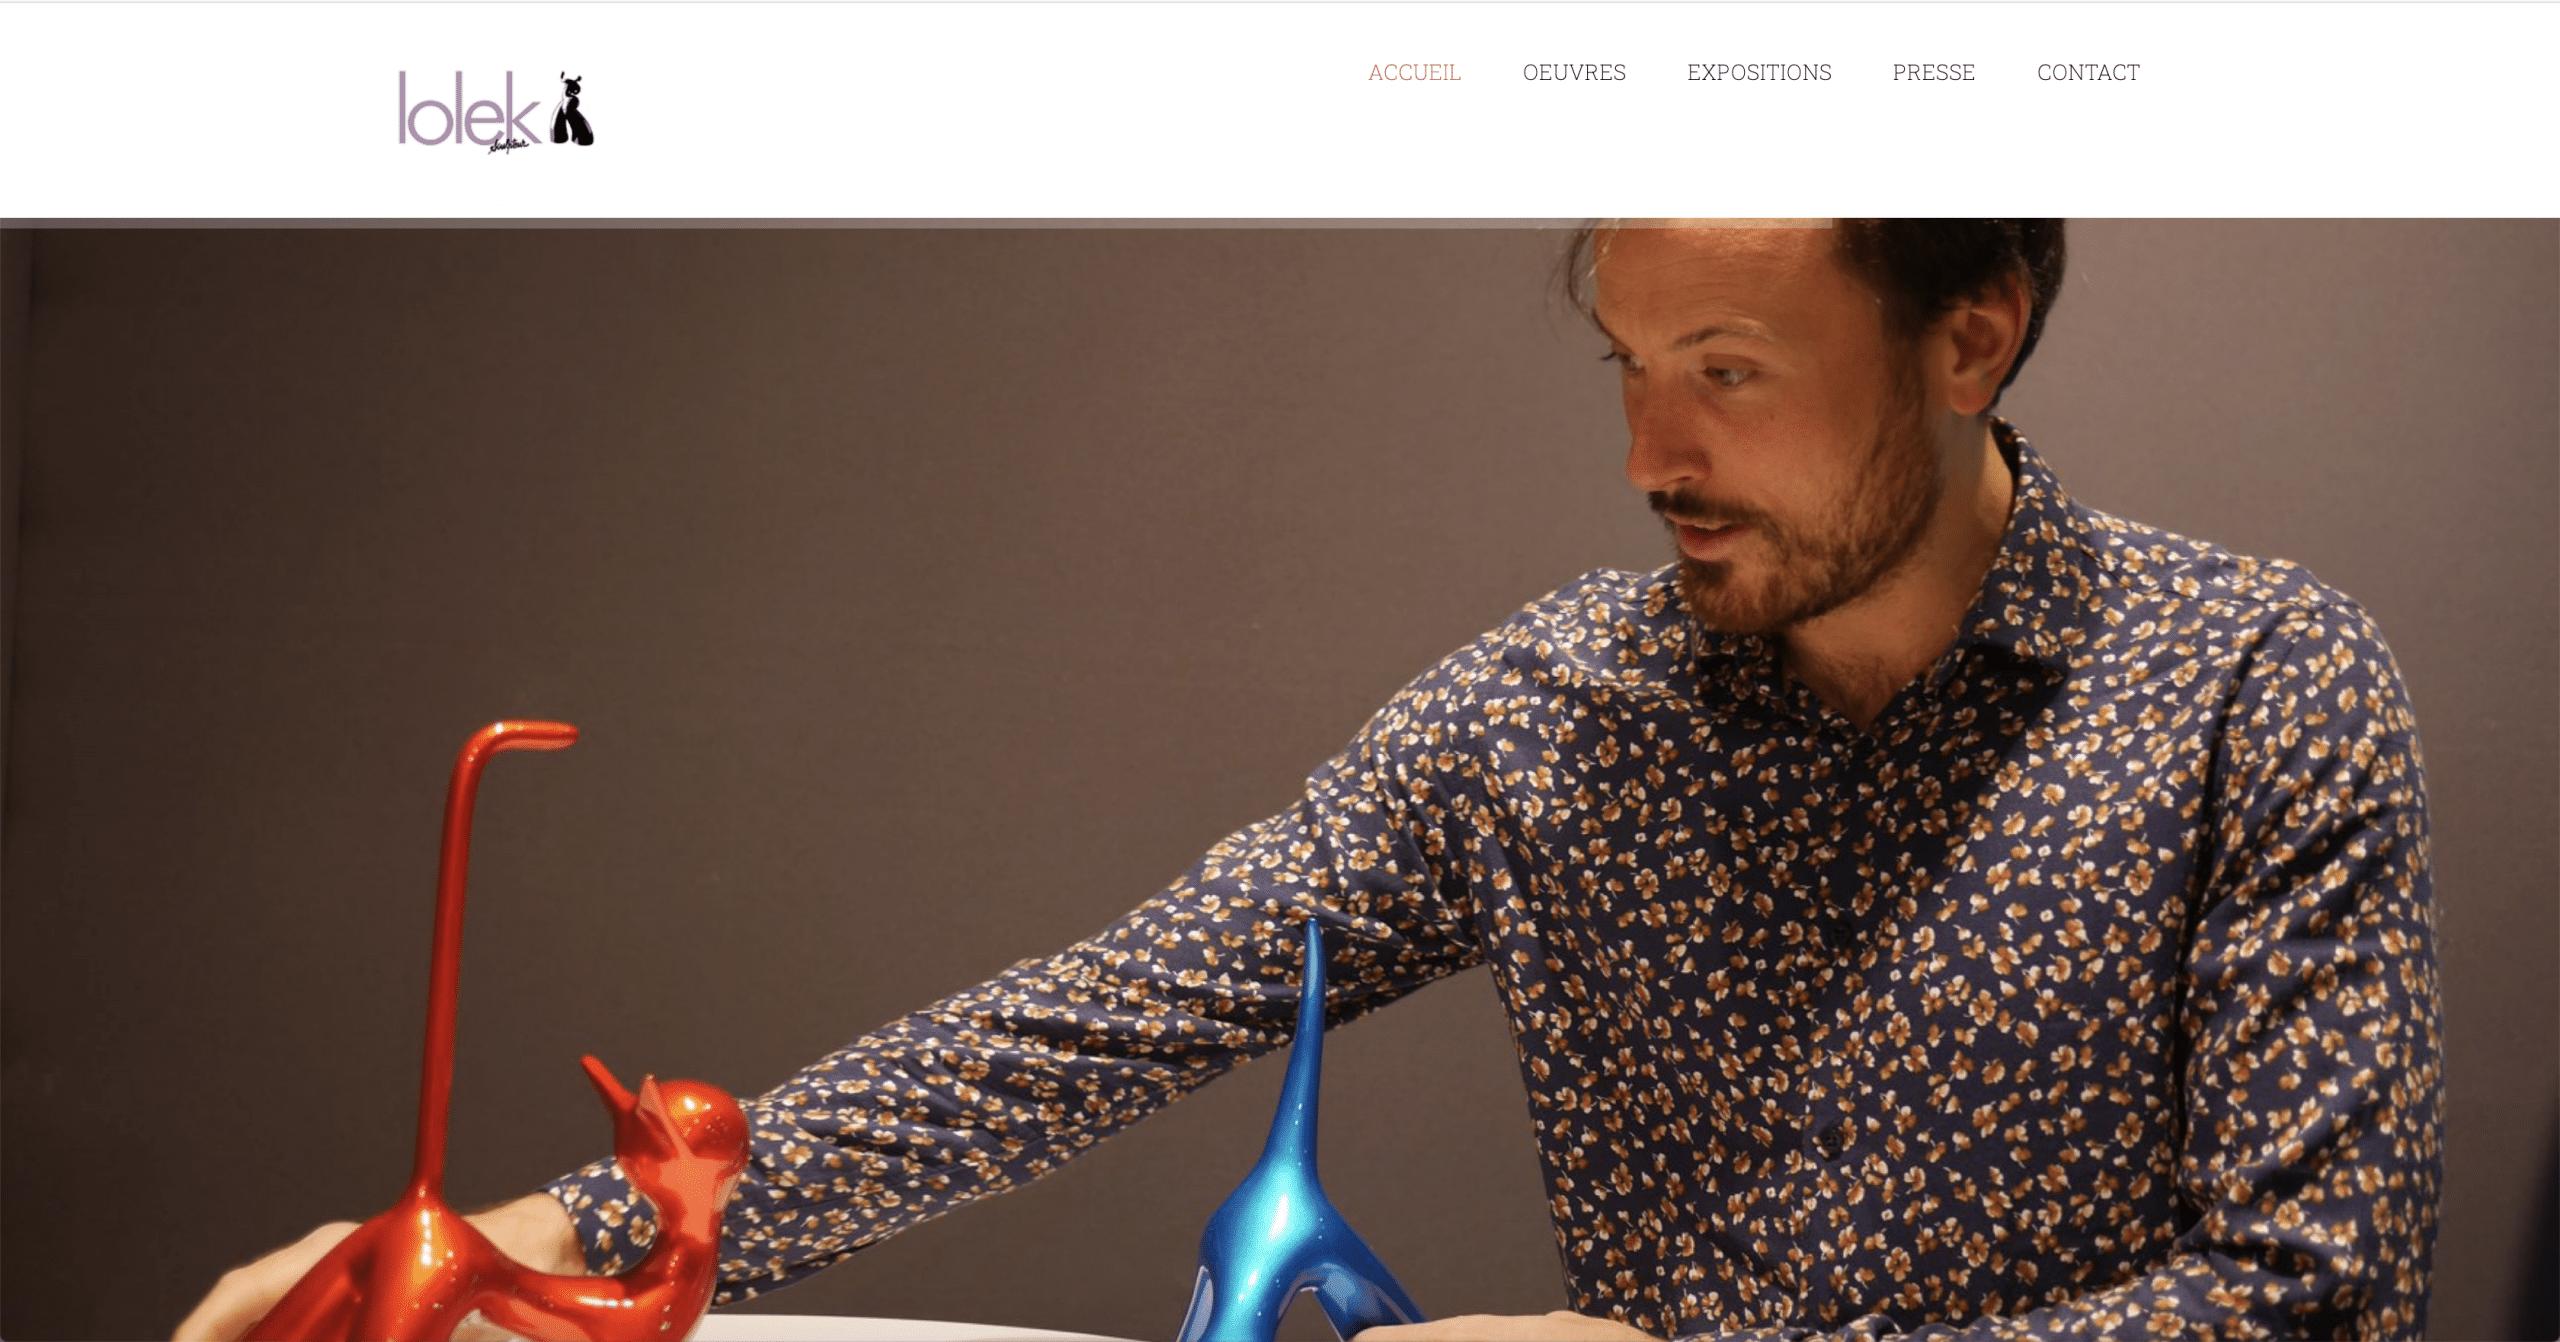 Lolek – Artiste Sculpteur